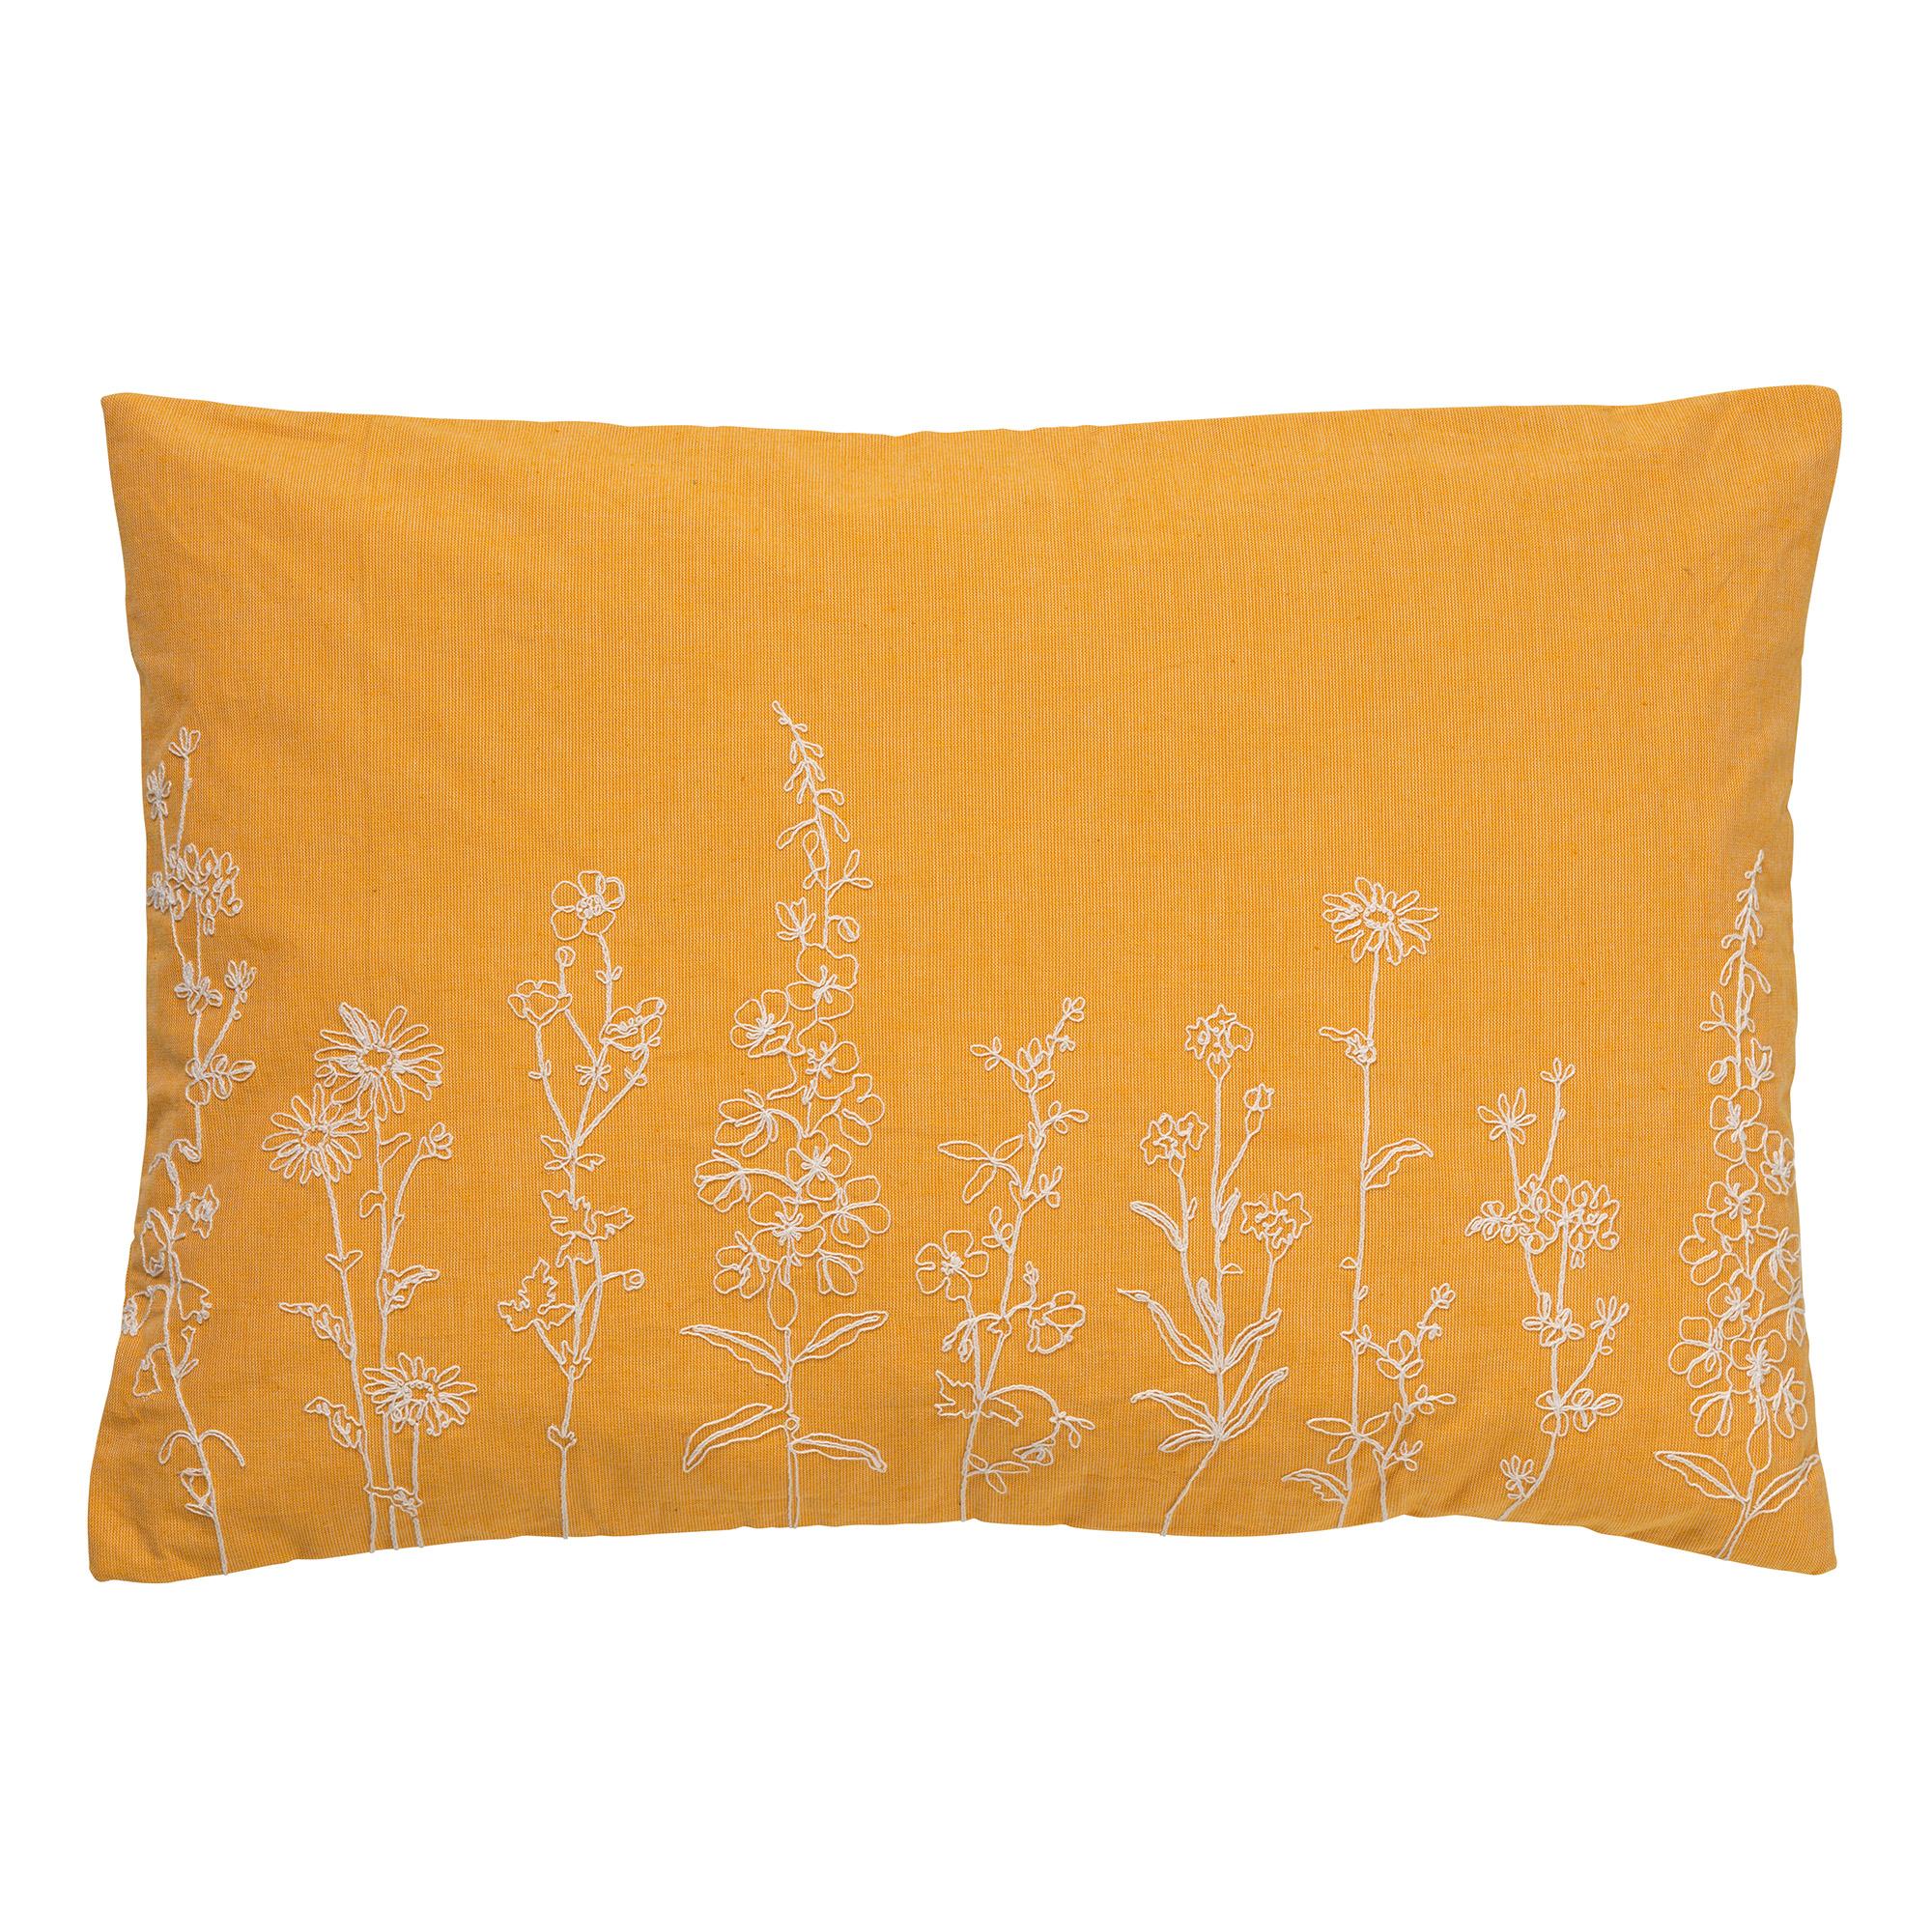 Housse de coussin en velours avec des fleurs Jaune moutarde 40x60